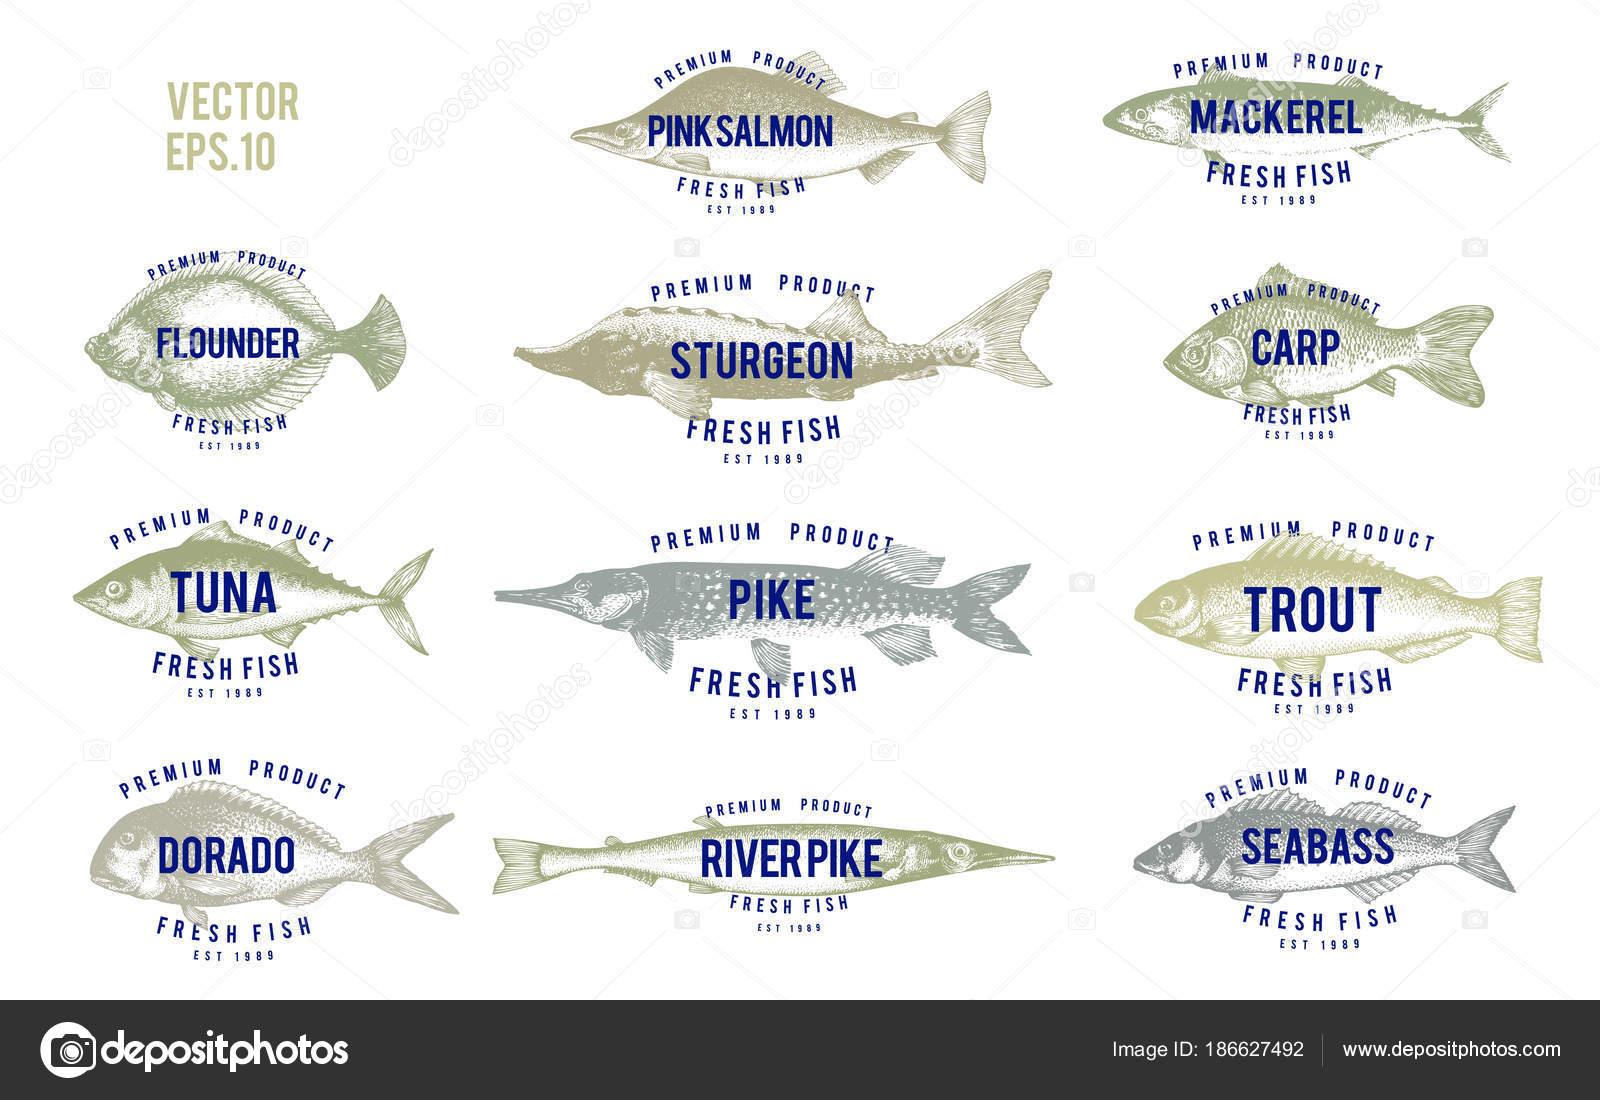 Mano dibuja ilustraciones de peces con nombres estilo retro sobre ...